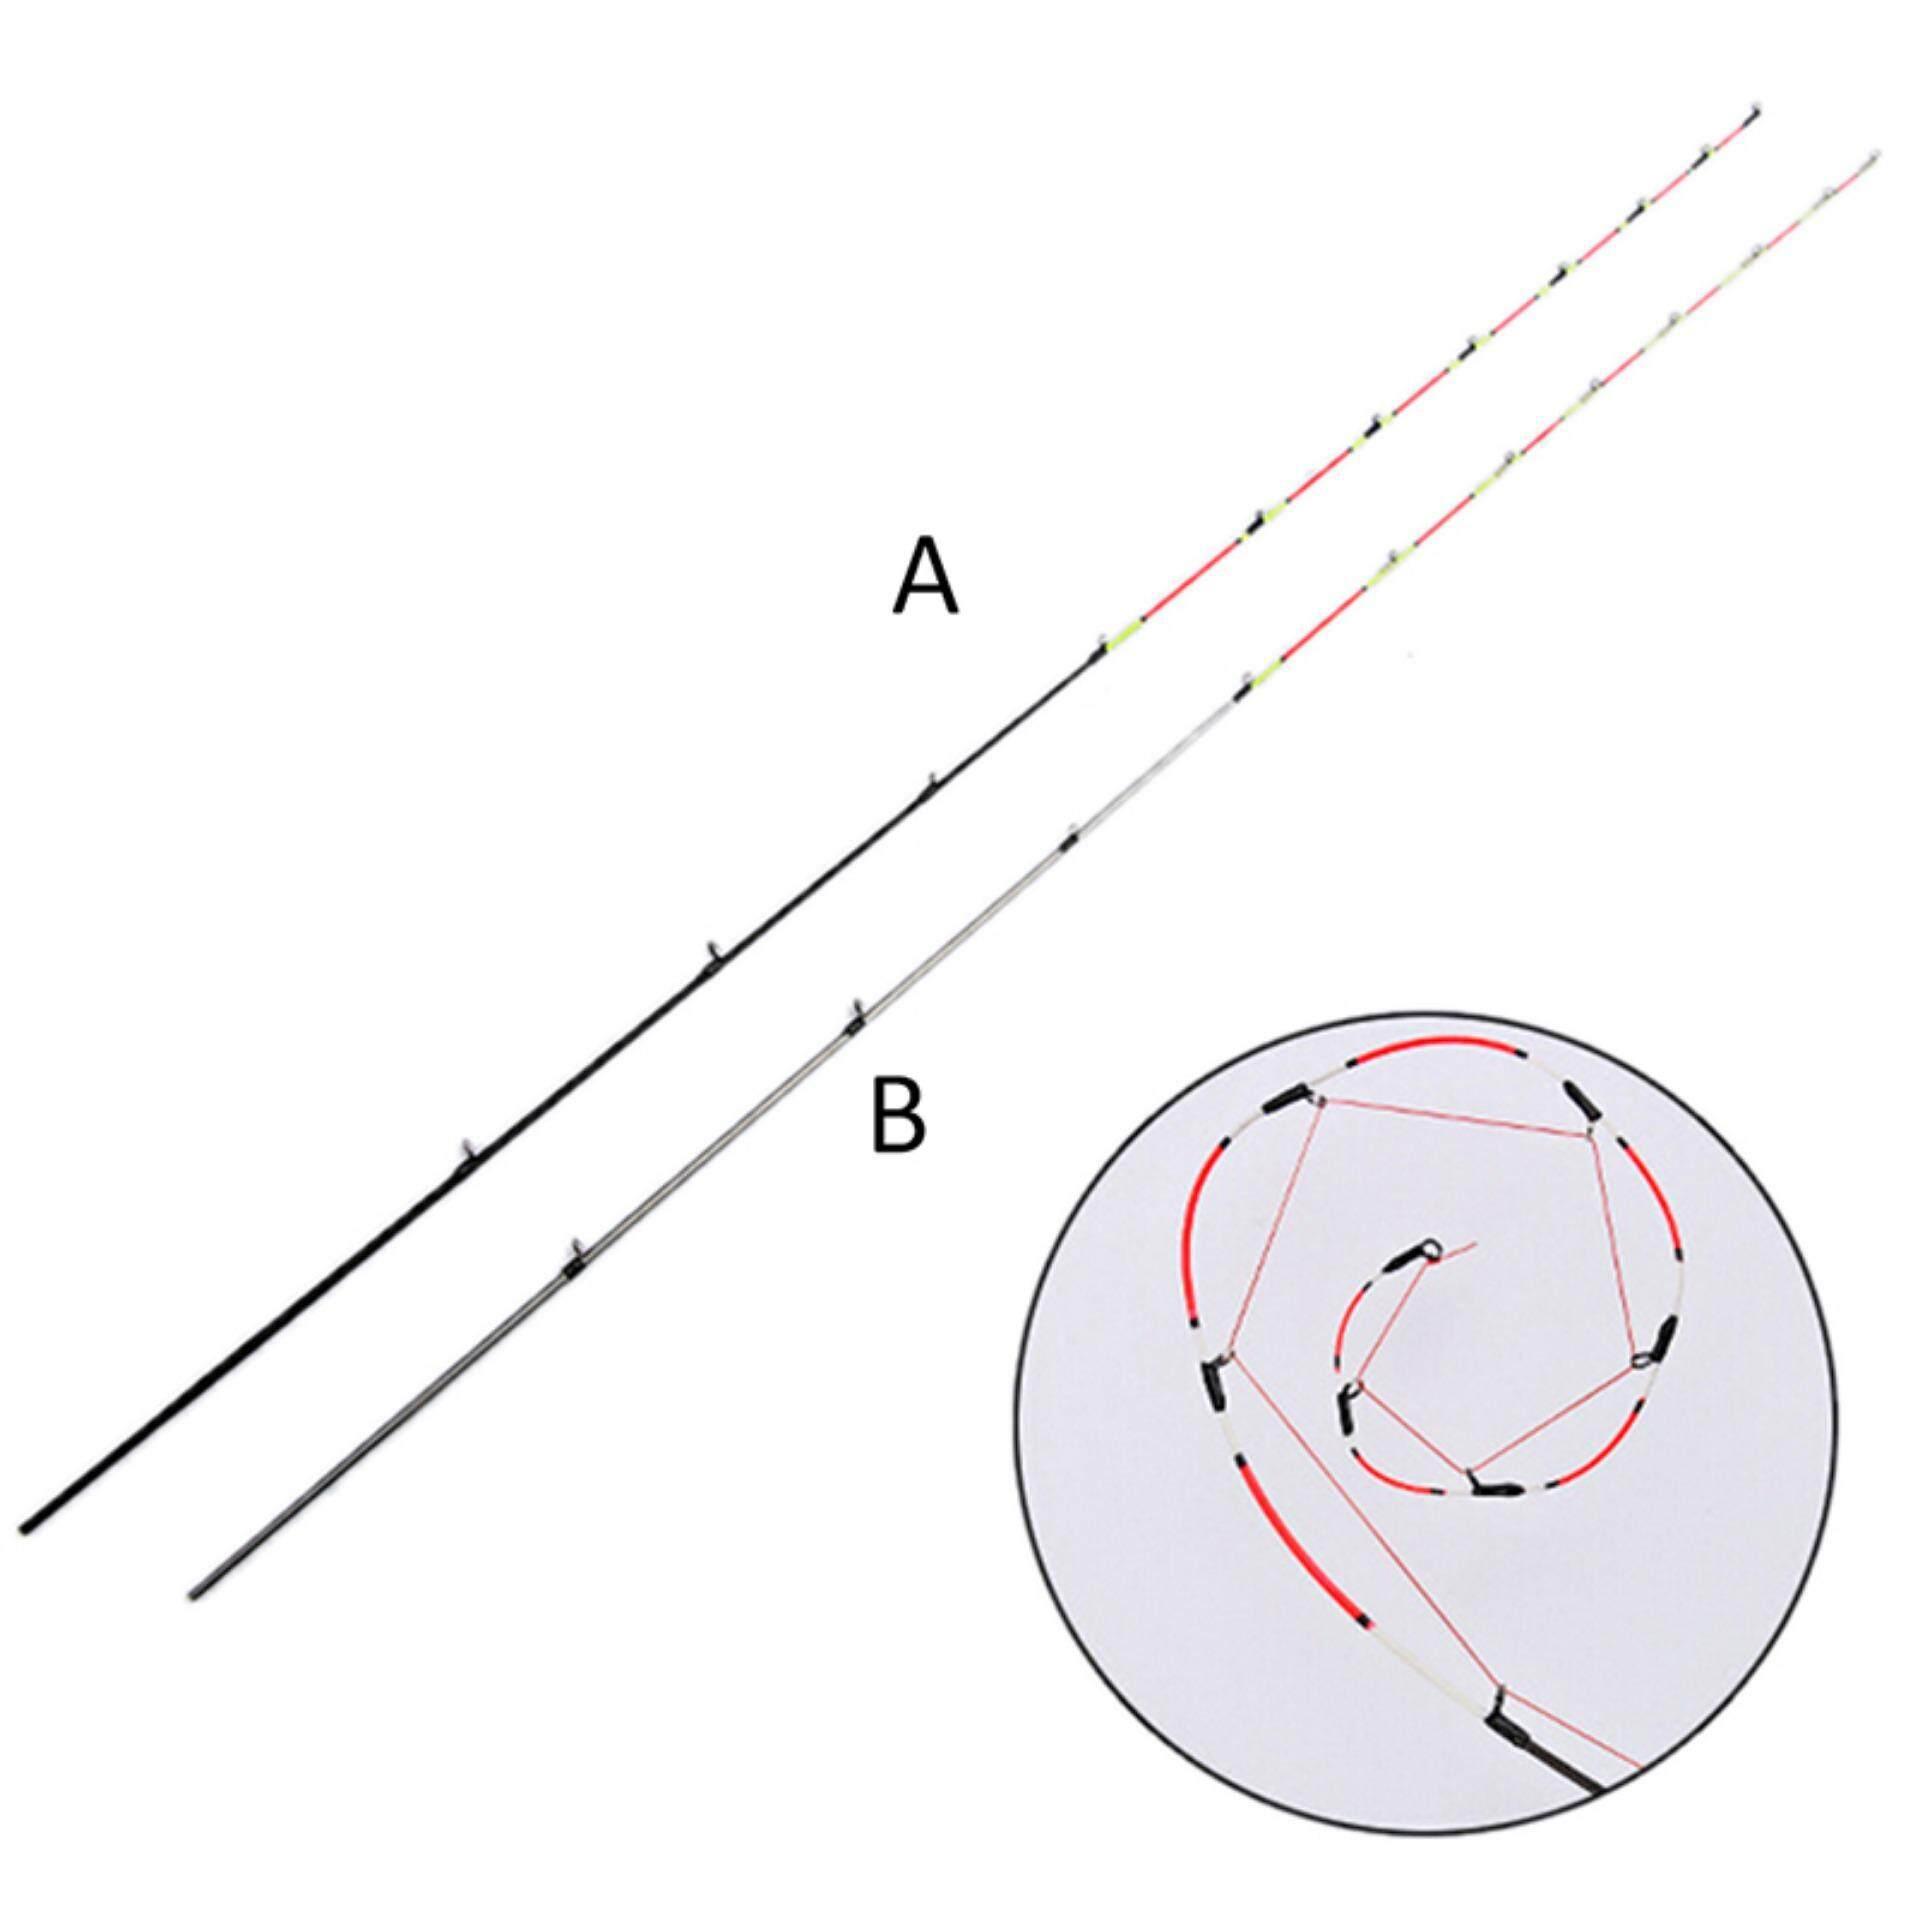 Fishing Titanium Rod And Reel Set Carbon Fishing Rod Pole Carp Fishing Kits  55x1.5x1.5